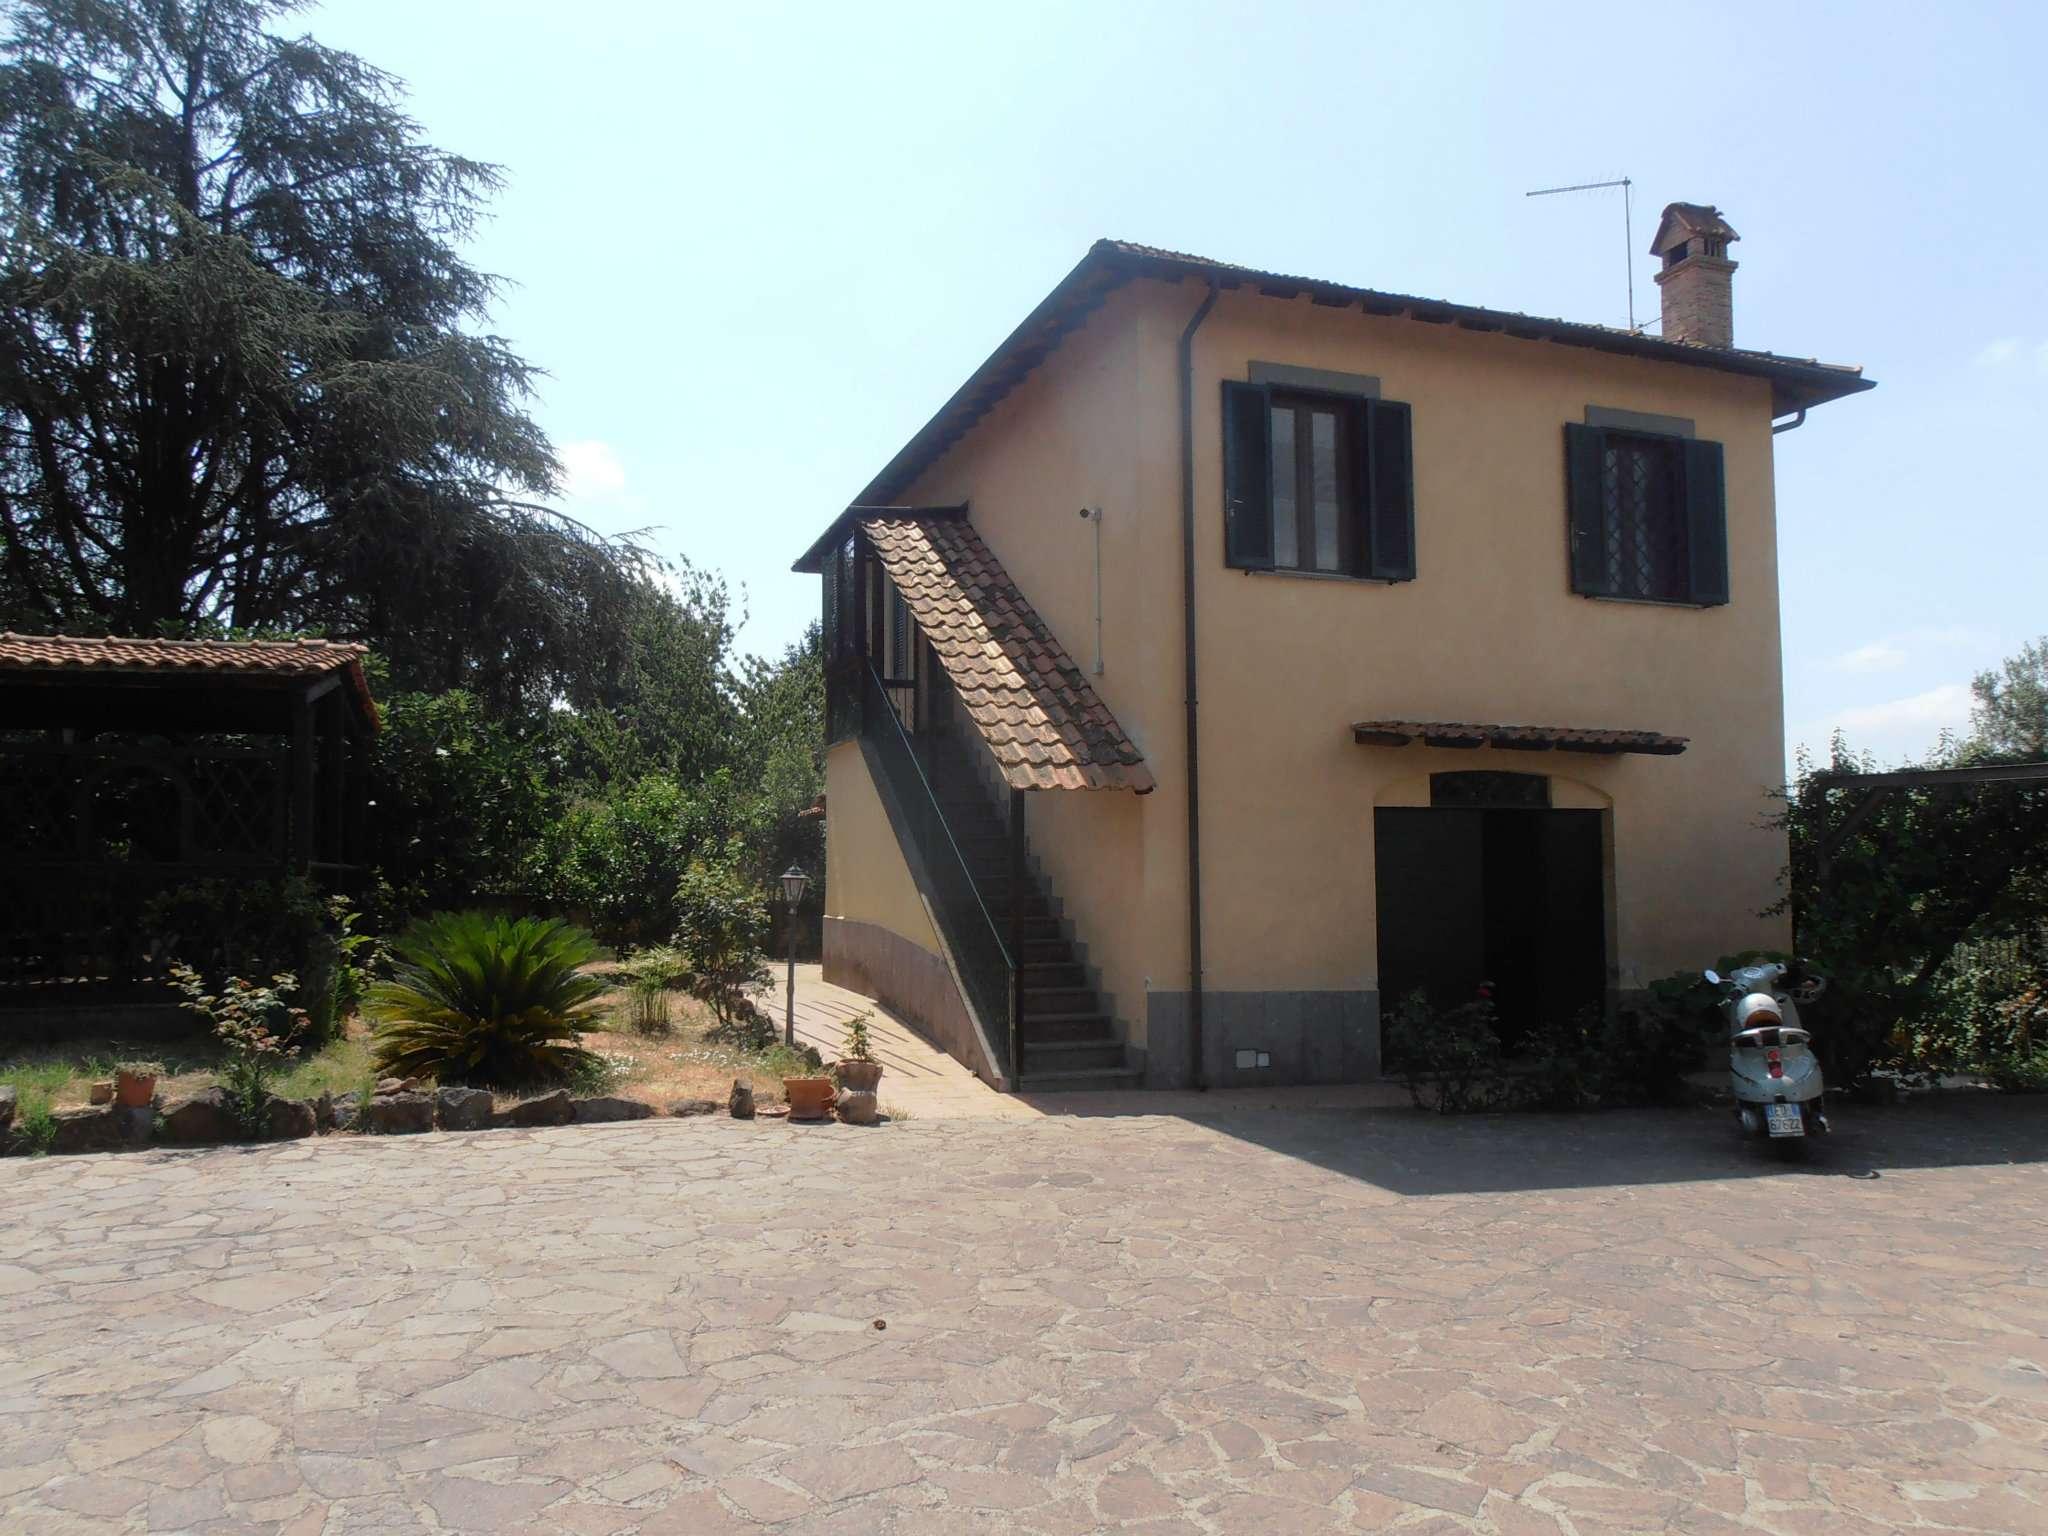 Soluzione Indipendente in vendita a Albano Laziale, 5 locali, prezzo € 329.000 | CambioCasa.it